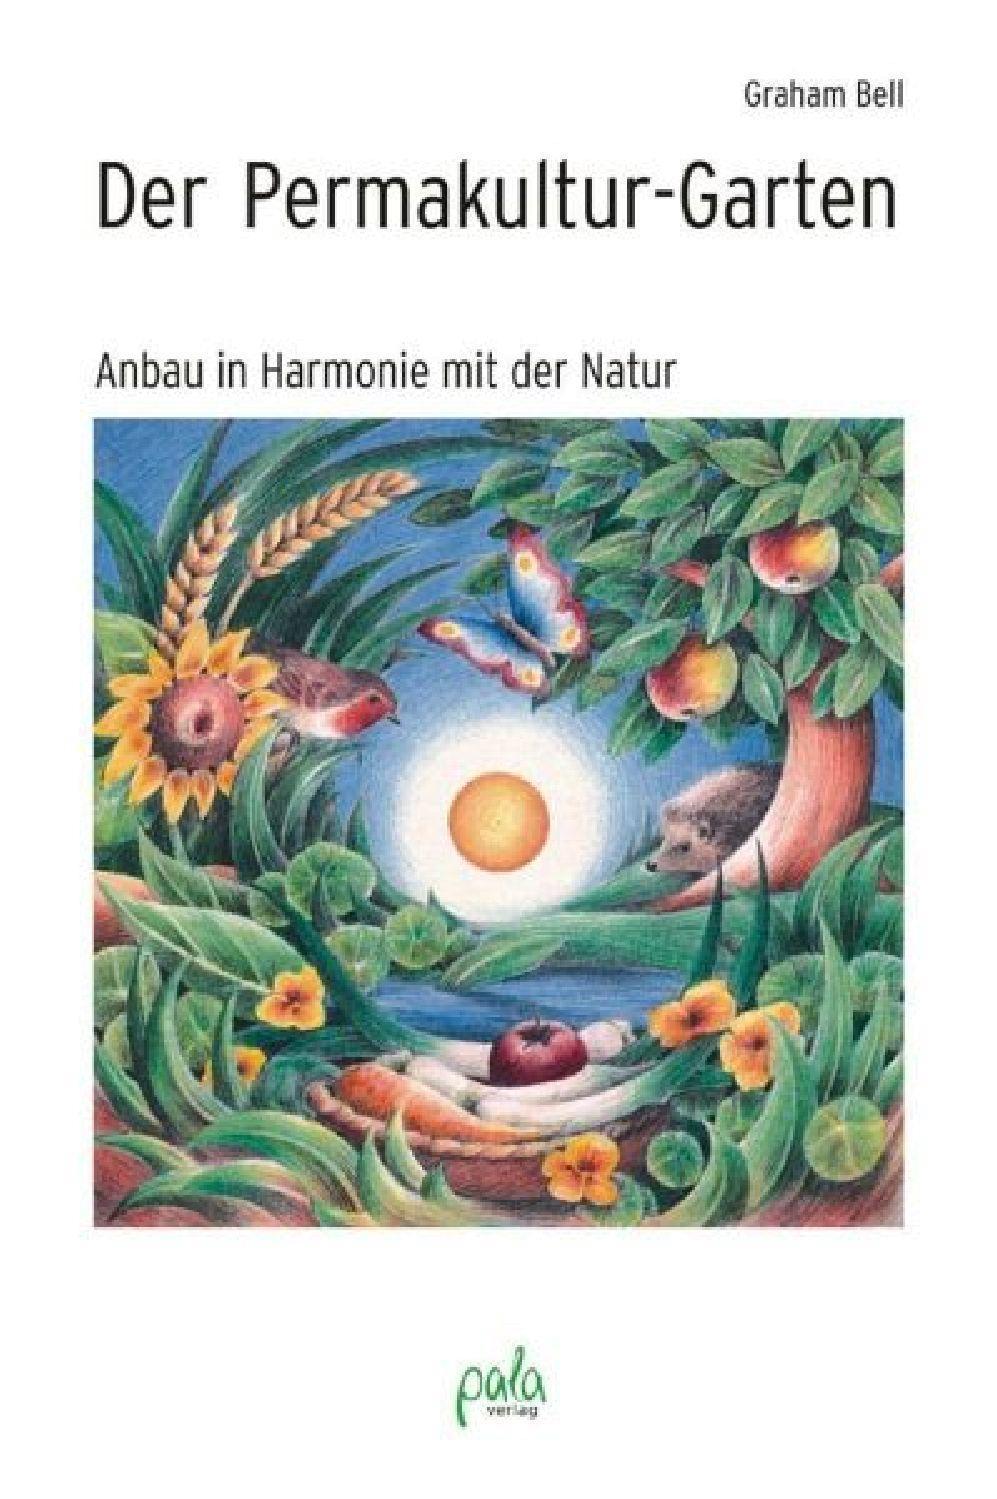 Der Permakultur Garten Graham Bell 15e29d0a3c28e8 900x900 2x